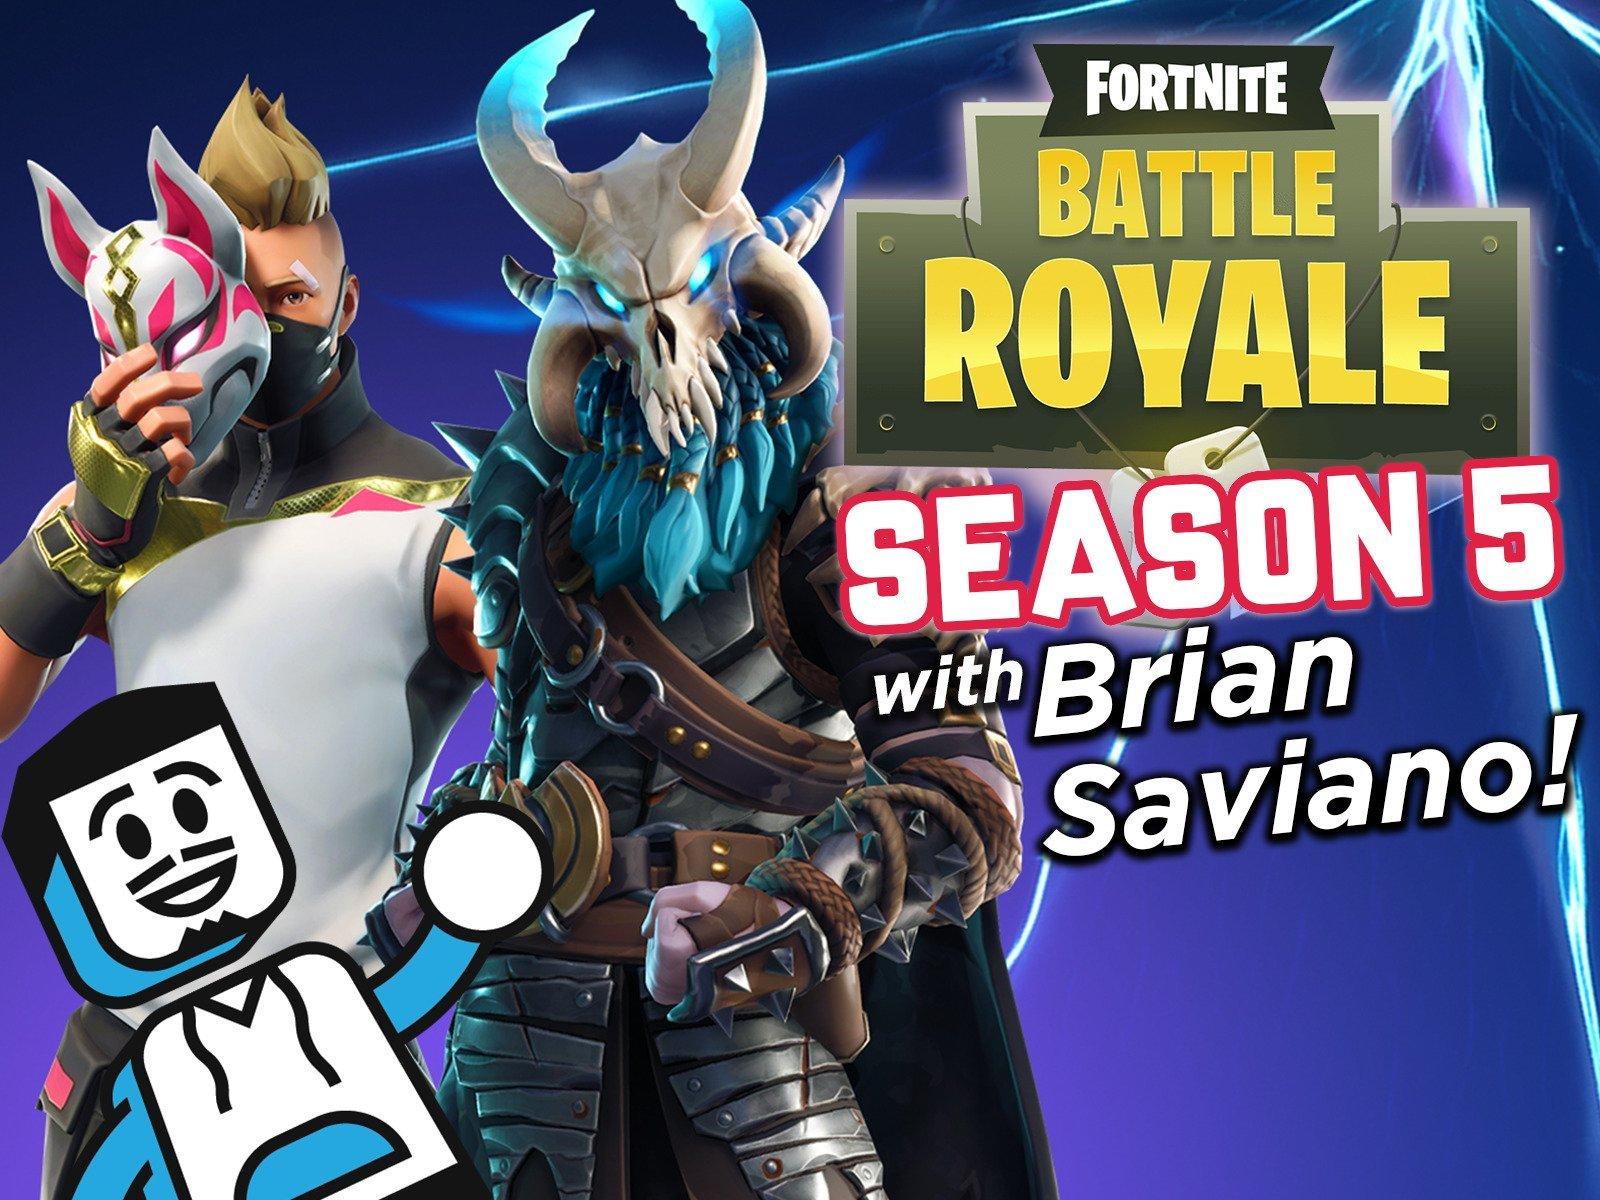 Clip: Fortnite Battle Royale Season 5 with Brian Saviano!